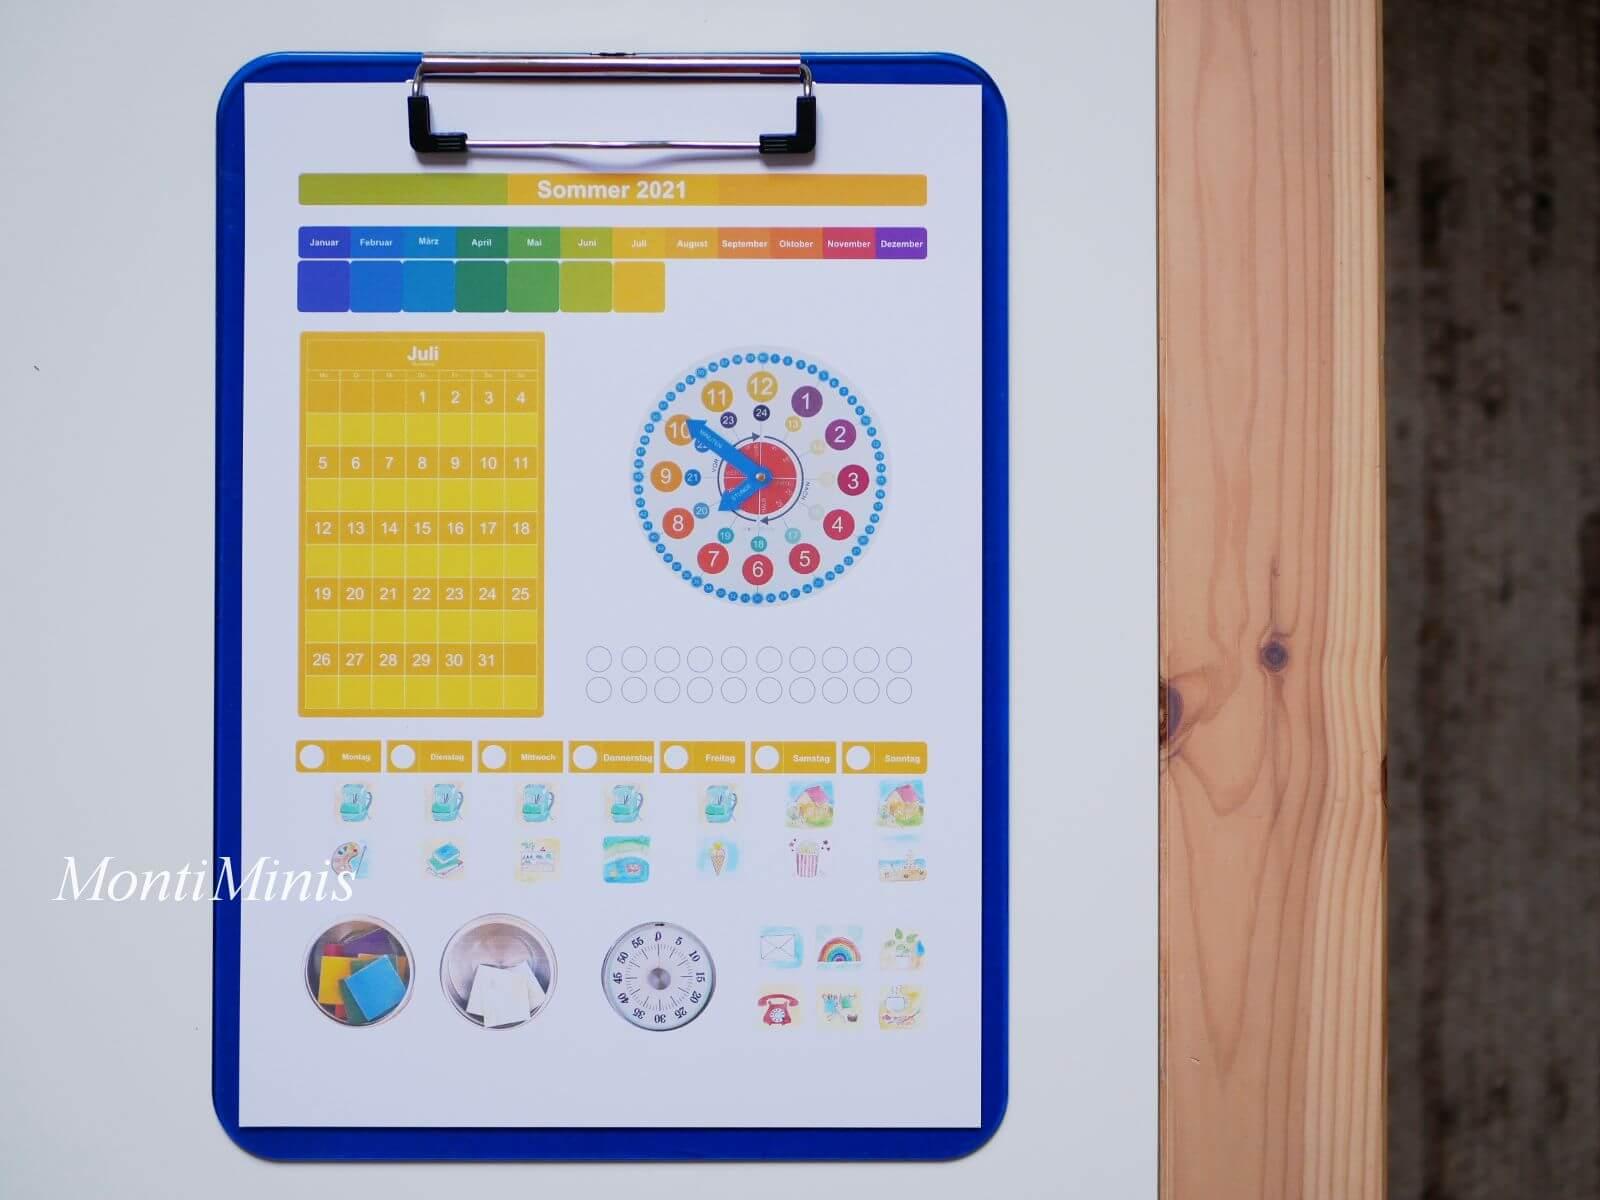 Kalender für Kinder-Frag die Maus Kalender, Kommt in die Felder, Wiesen und Wälder, MontiMinis Baumkalender, Wetterbaum, Rund um die Welt Kalender, MontiMinis Kalender